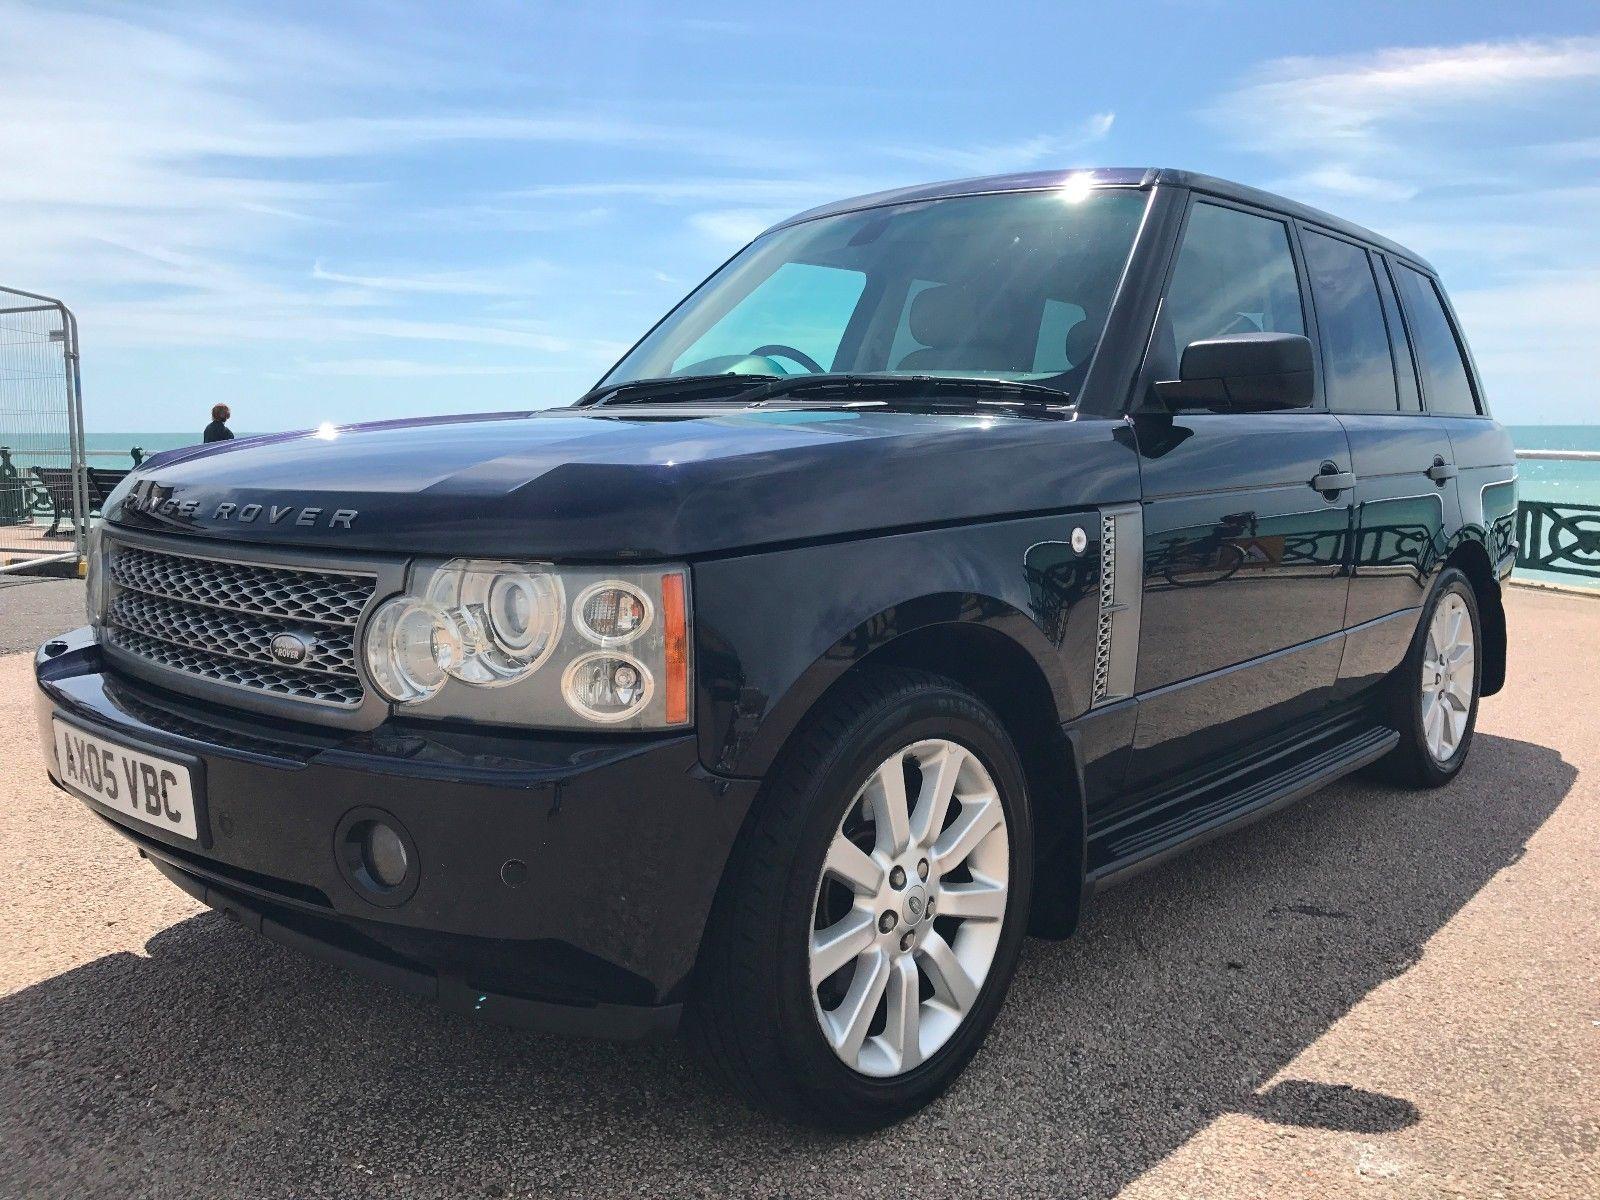 2005 range rover td6 vogue 1 front m cars. Black Bedroom Furniture Sets. Home Design Ideas